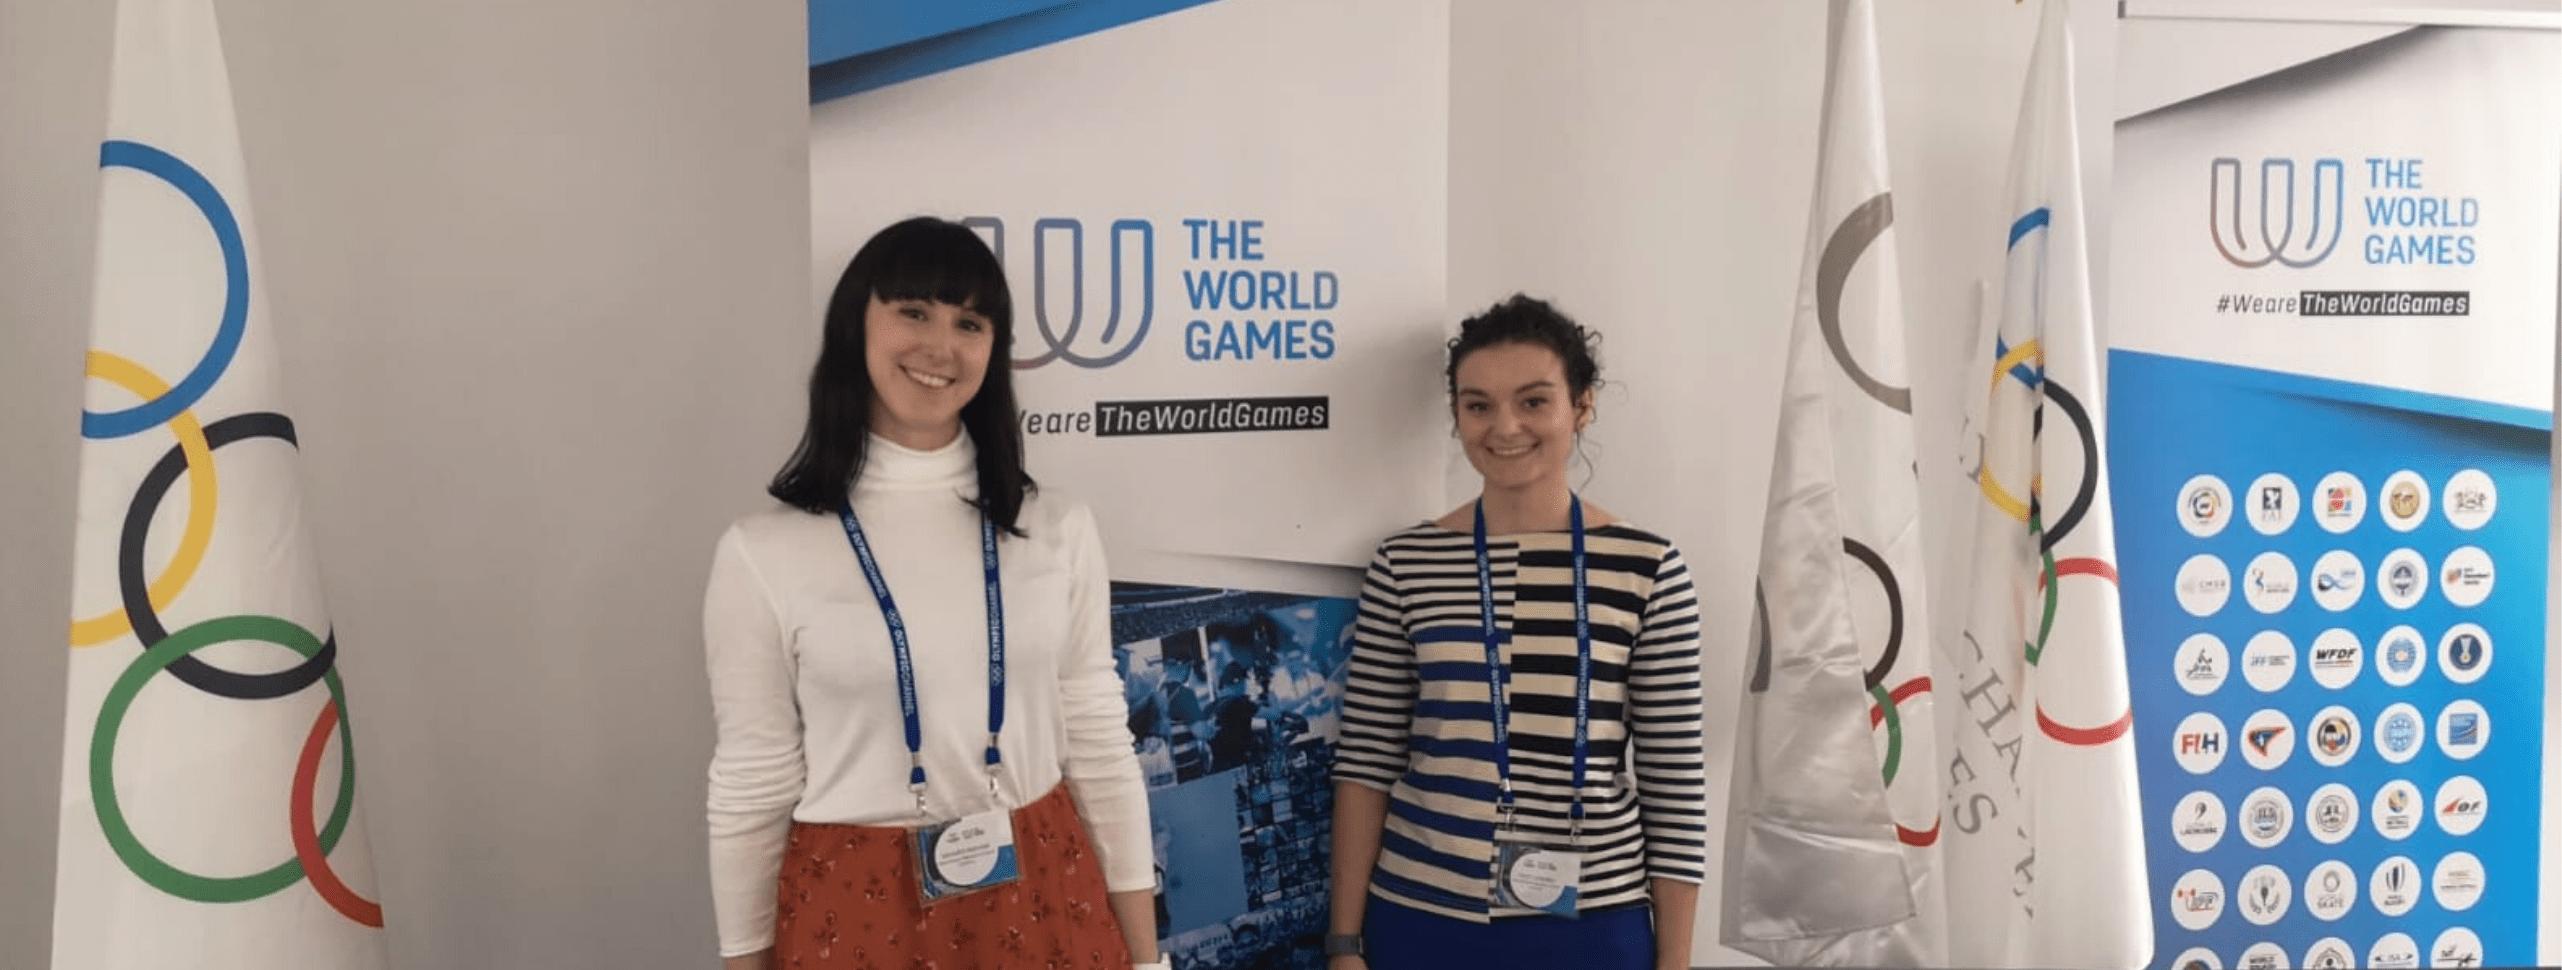 IFSC IWGA Media Workshop 2019 3